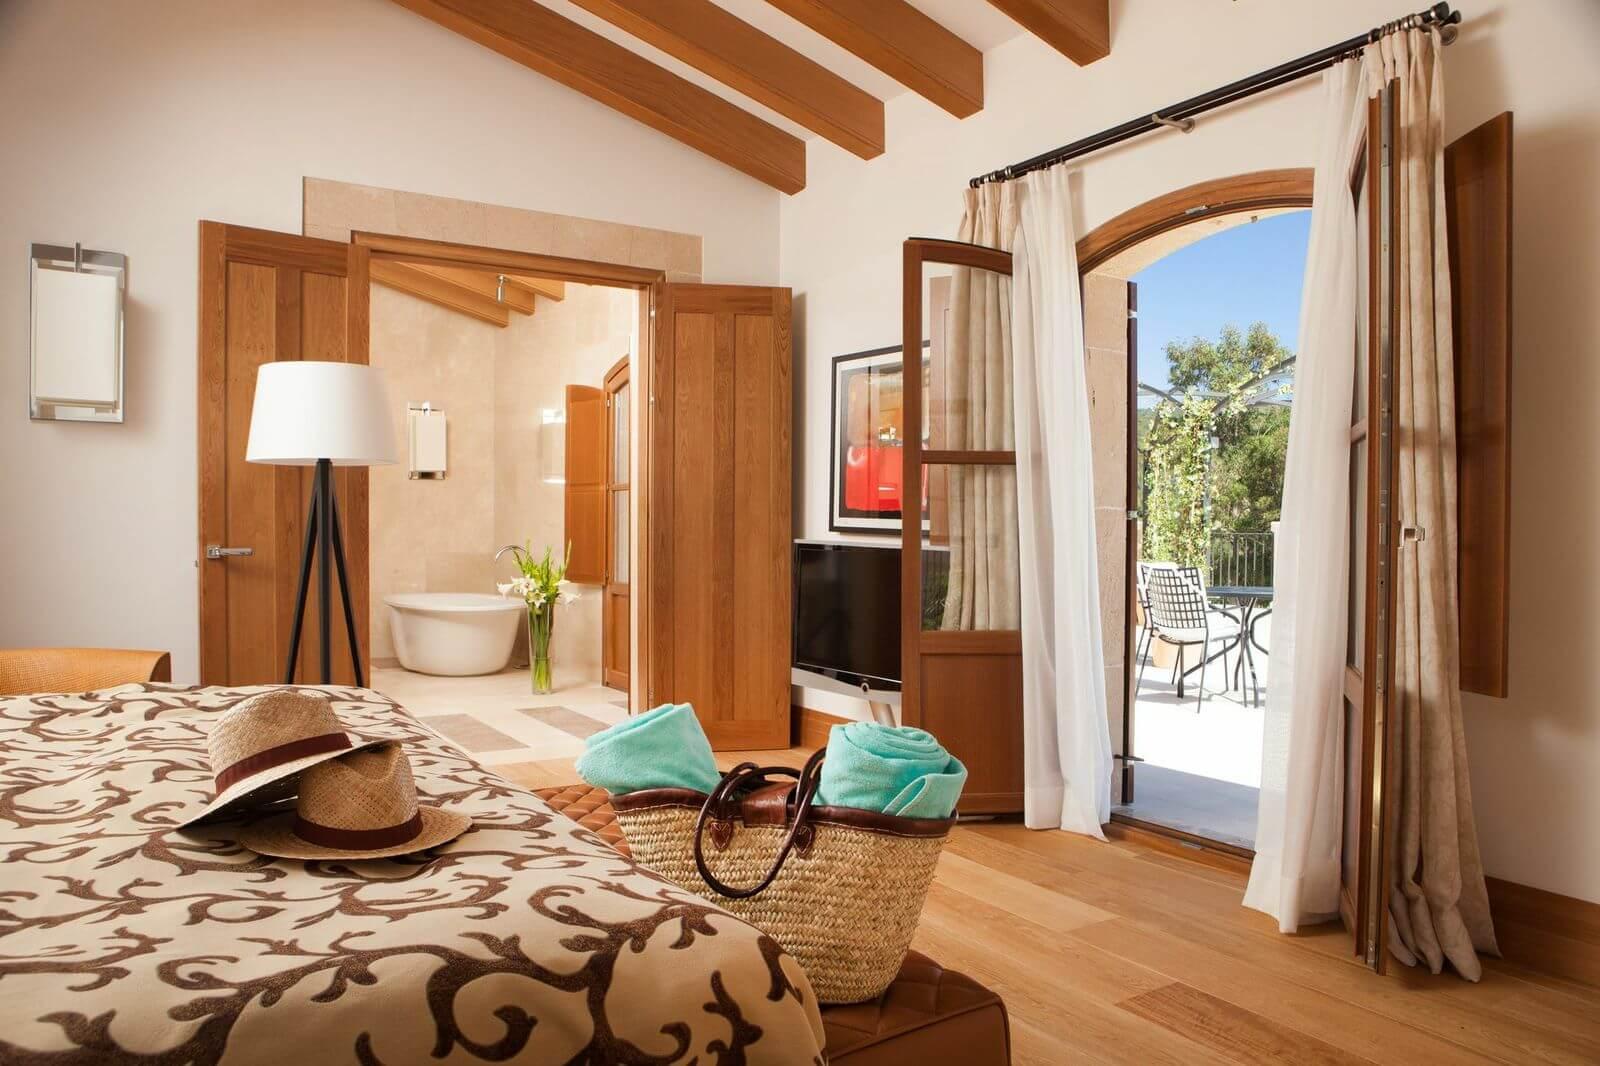 Suites y Habitaciones del Hotel de lujo en Mallorca, Castell Son Claret (15)